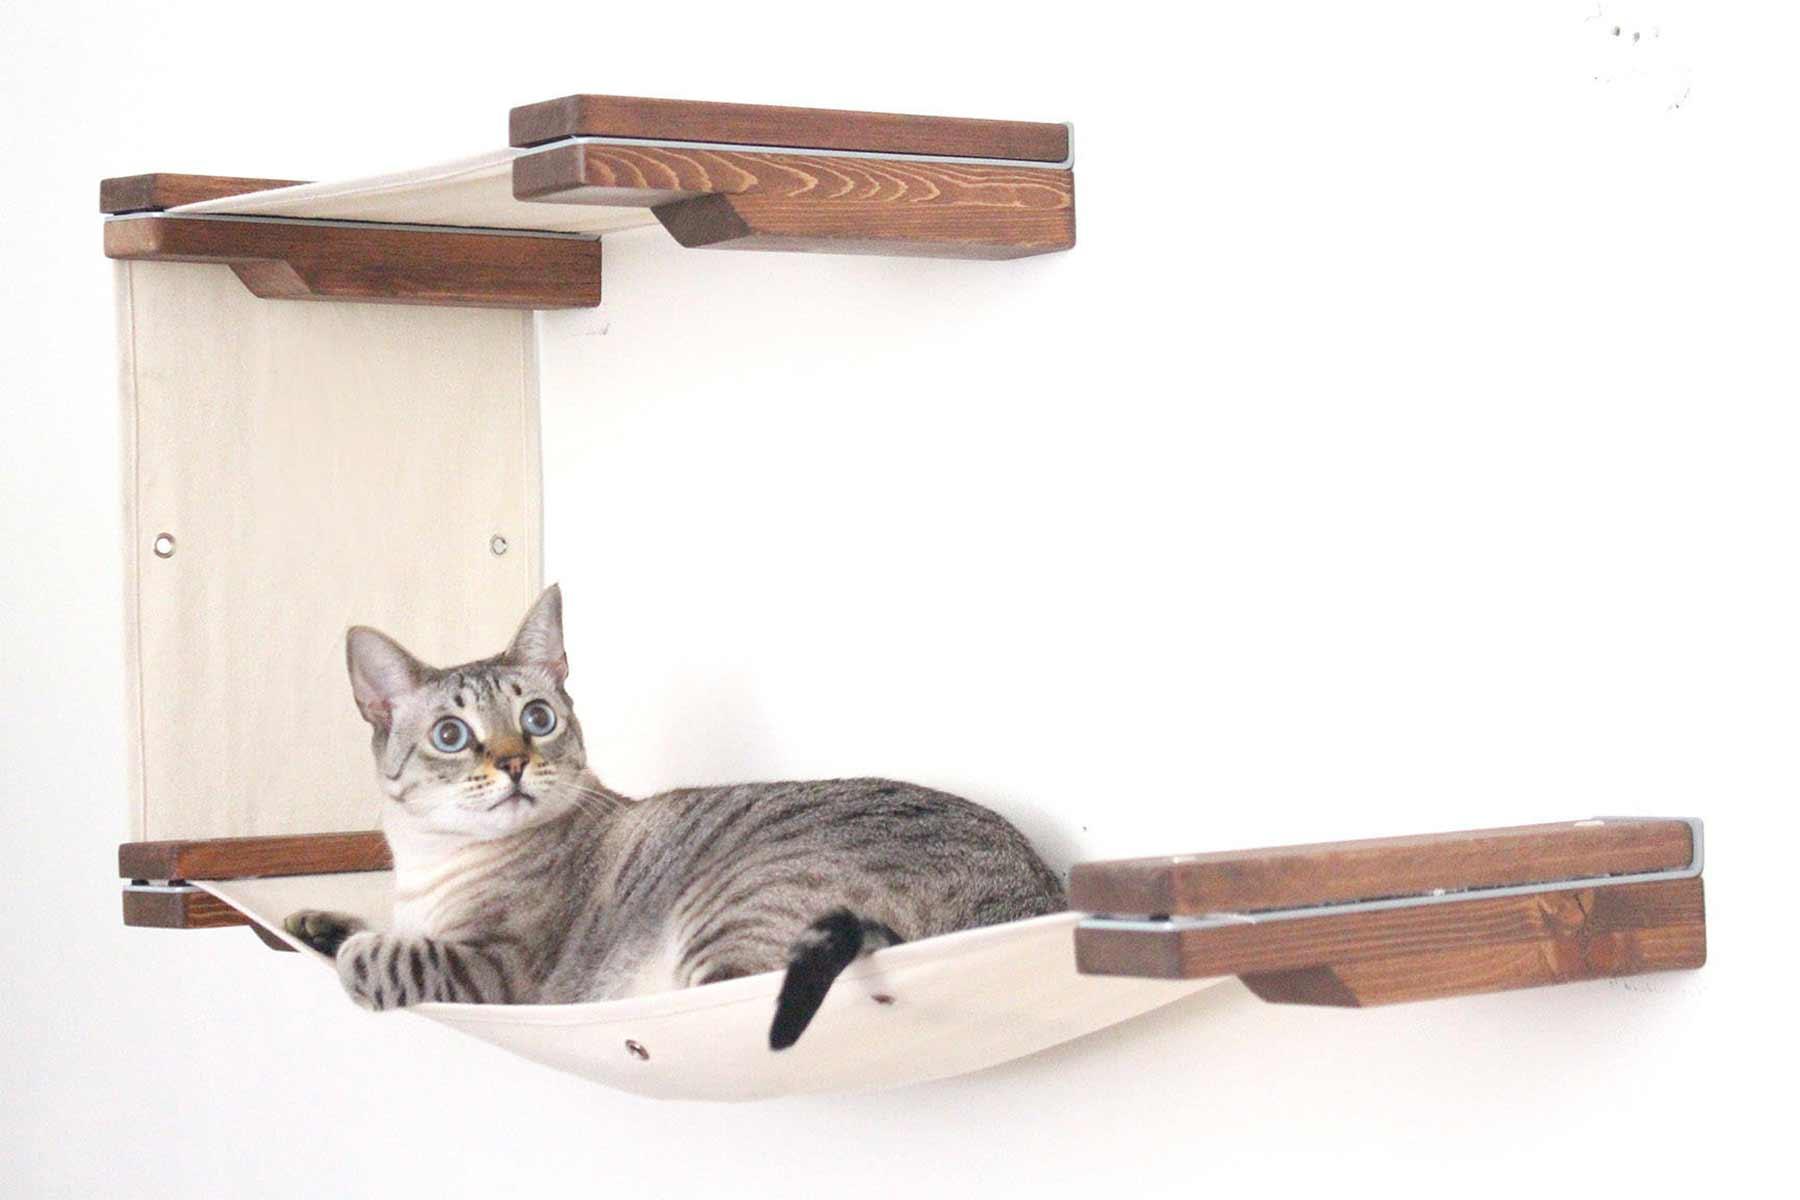 Modulares Katzenspielplatz-System für die Wand CatastrophiCreations-katzenspielplatz-wand-system_07